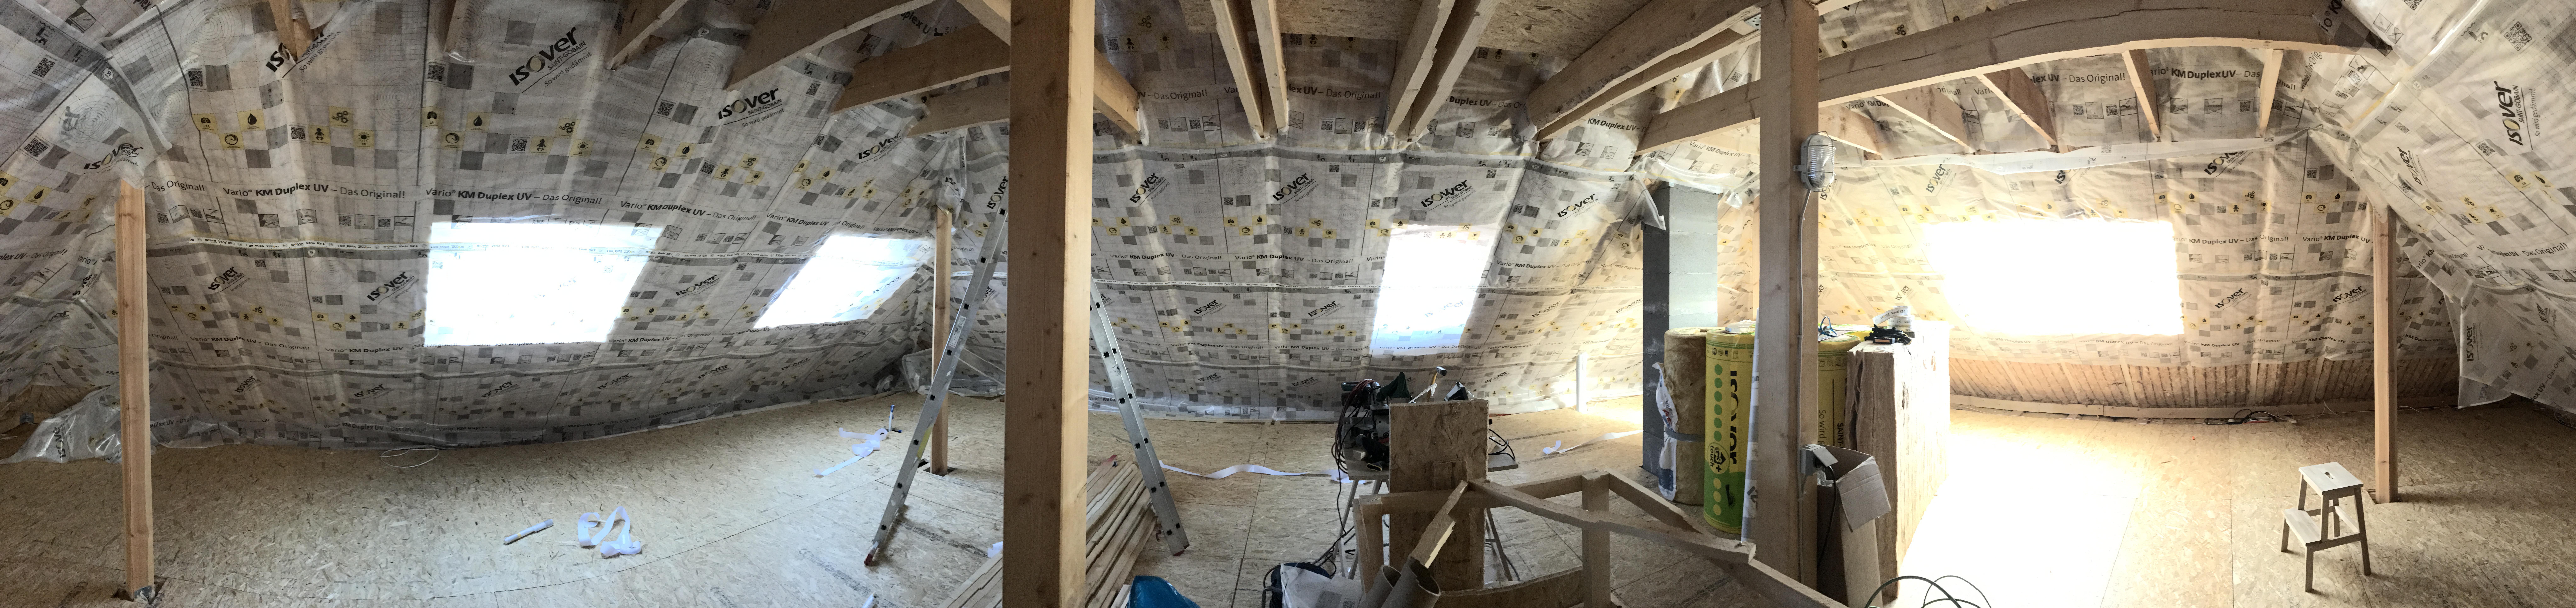 Dach Ausbau Teil 1 3 Dampfbremse Unser Haus